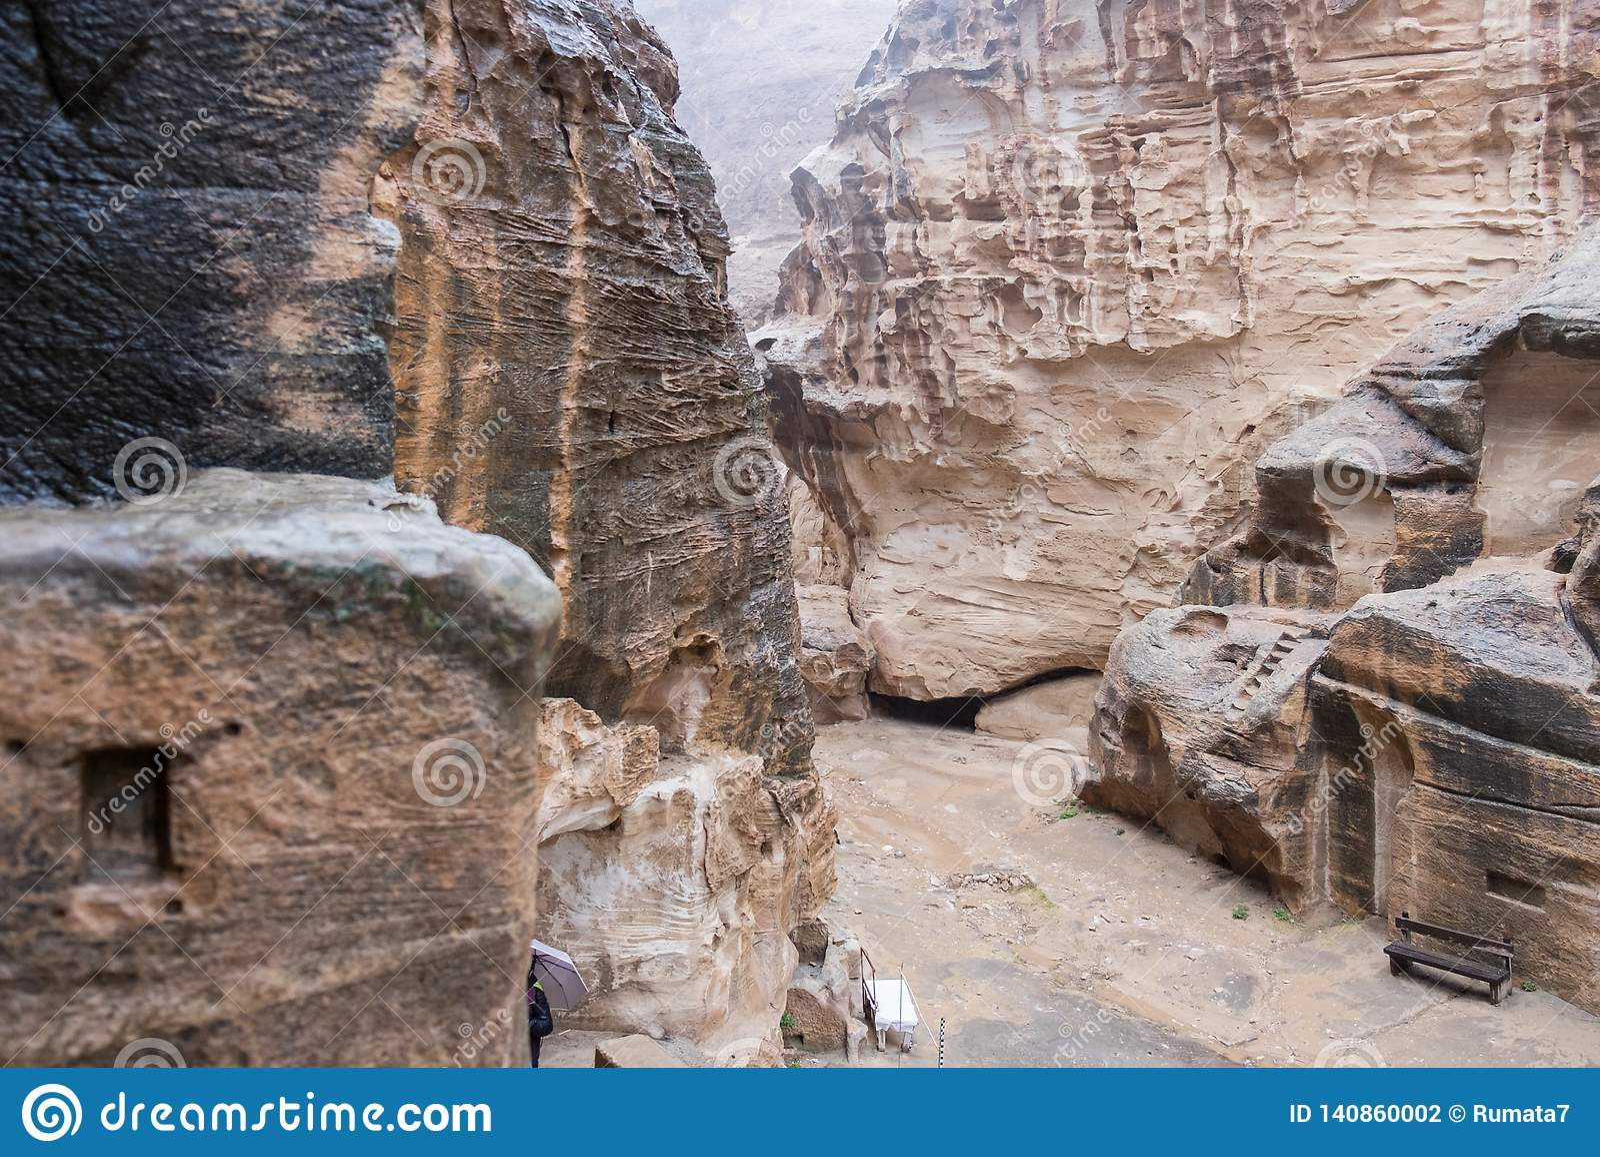 Case o tombe di pietra in rocce curve a pioggia persistente in poco PETRA - città antica di Nabatean